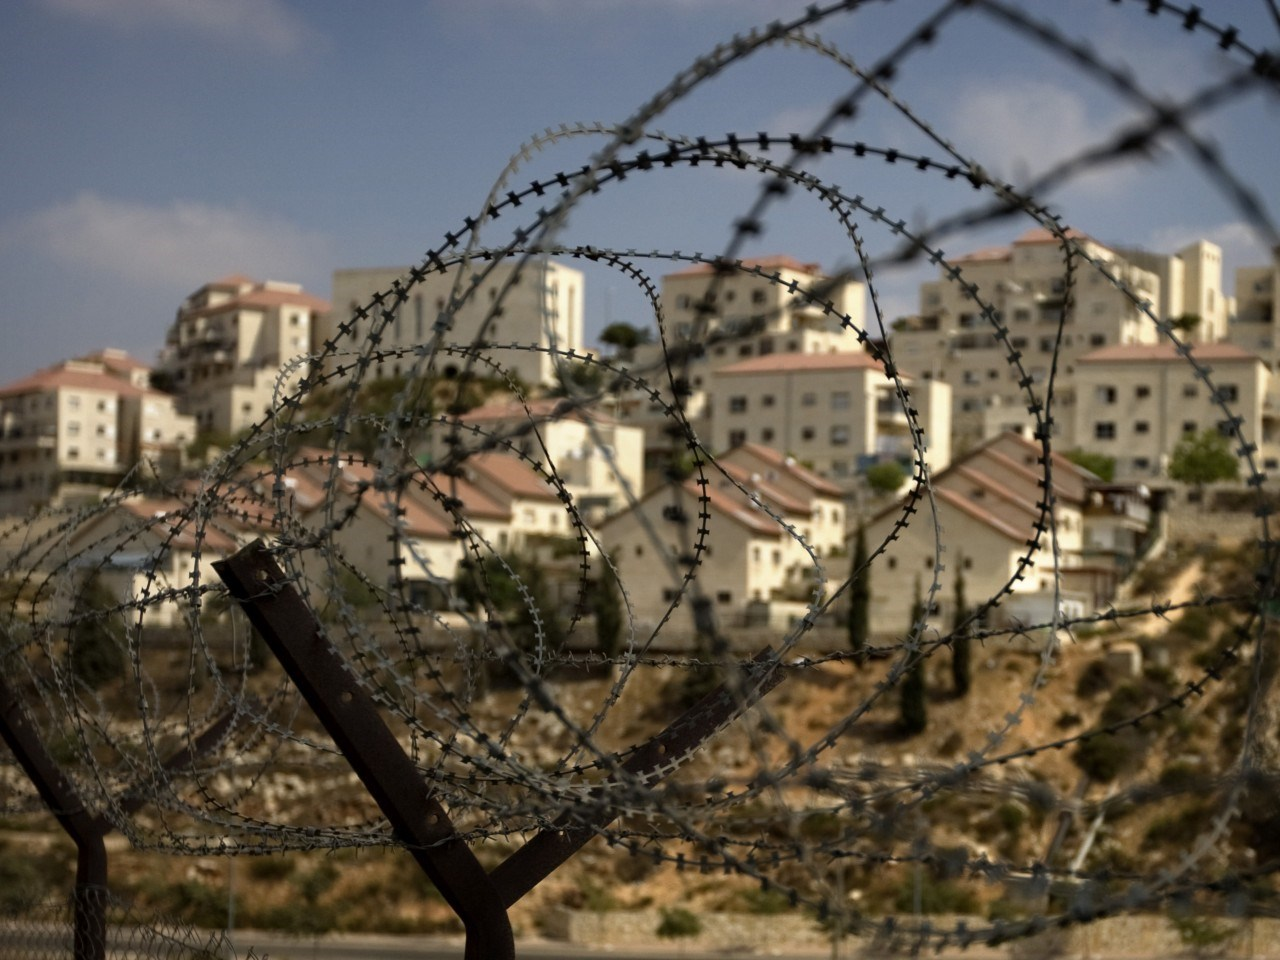 الاحتلال يصادق على بناء آلاف الوحدات الاستيطانية في الضفة